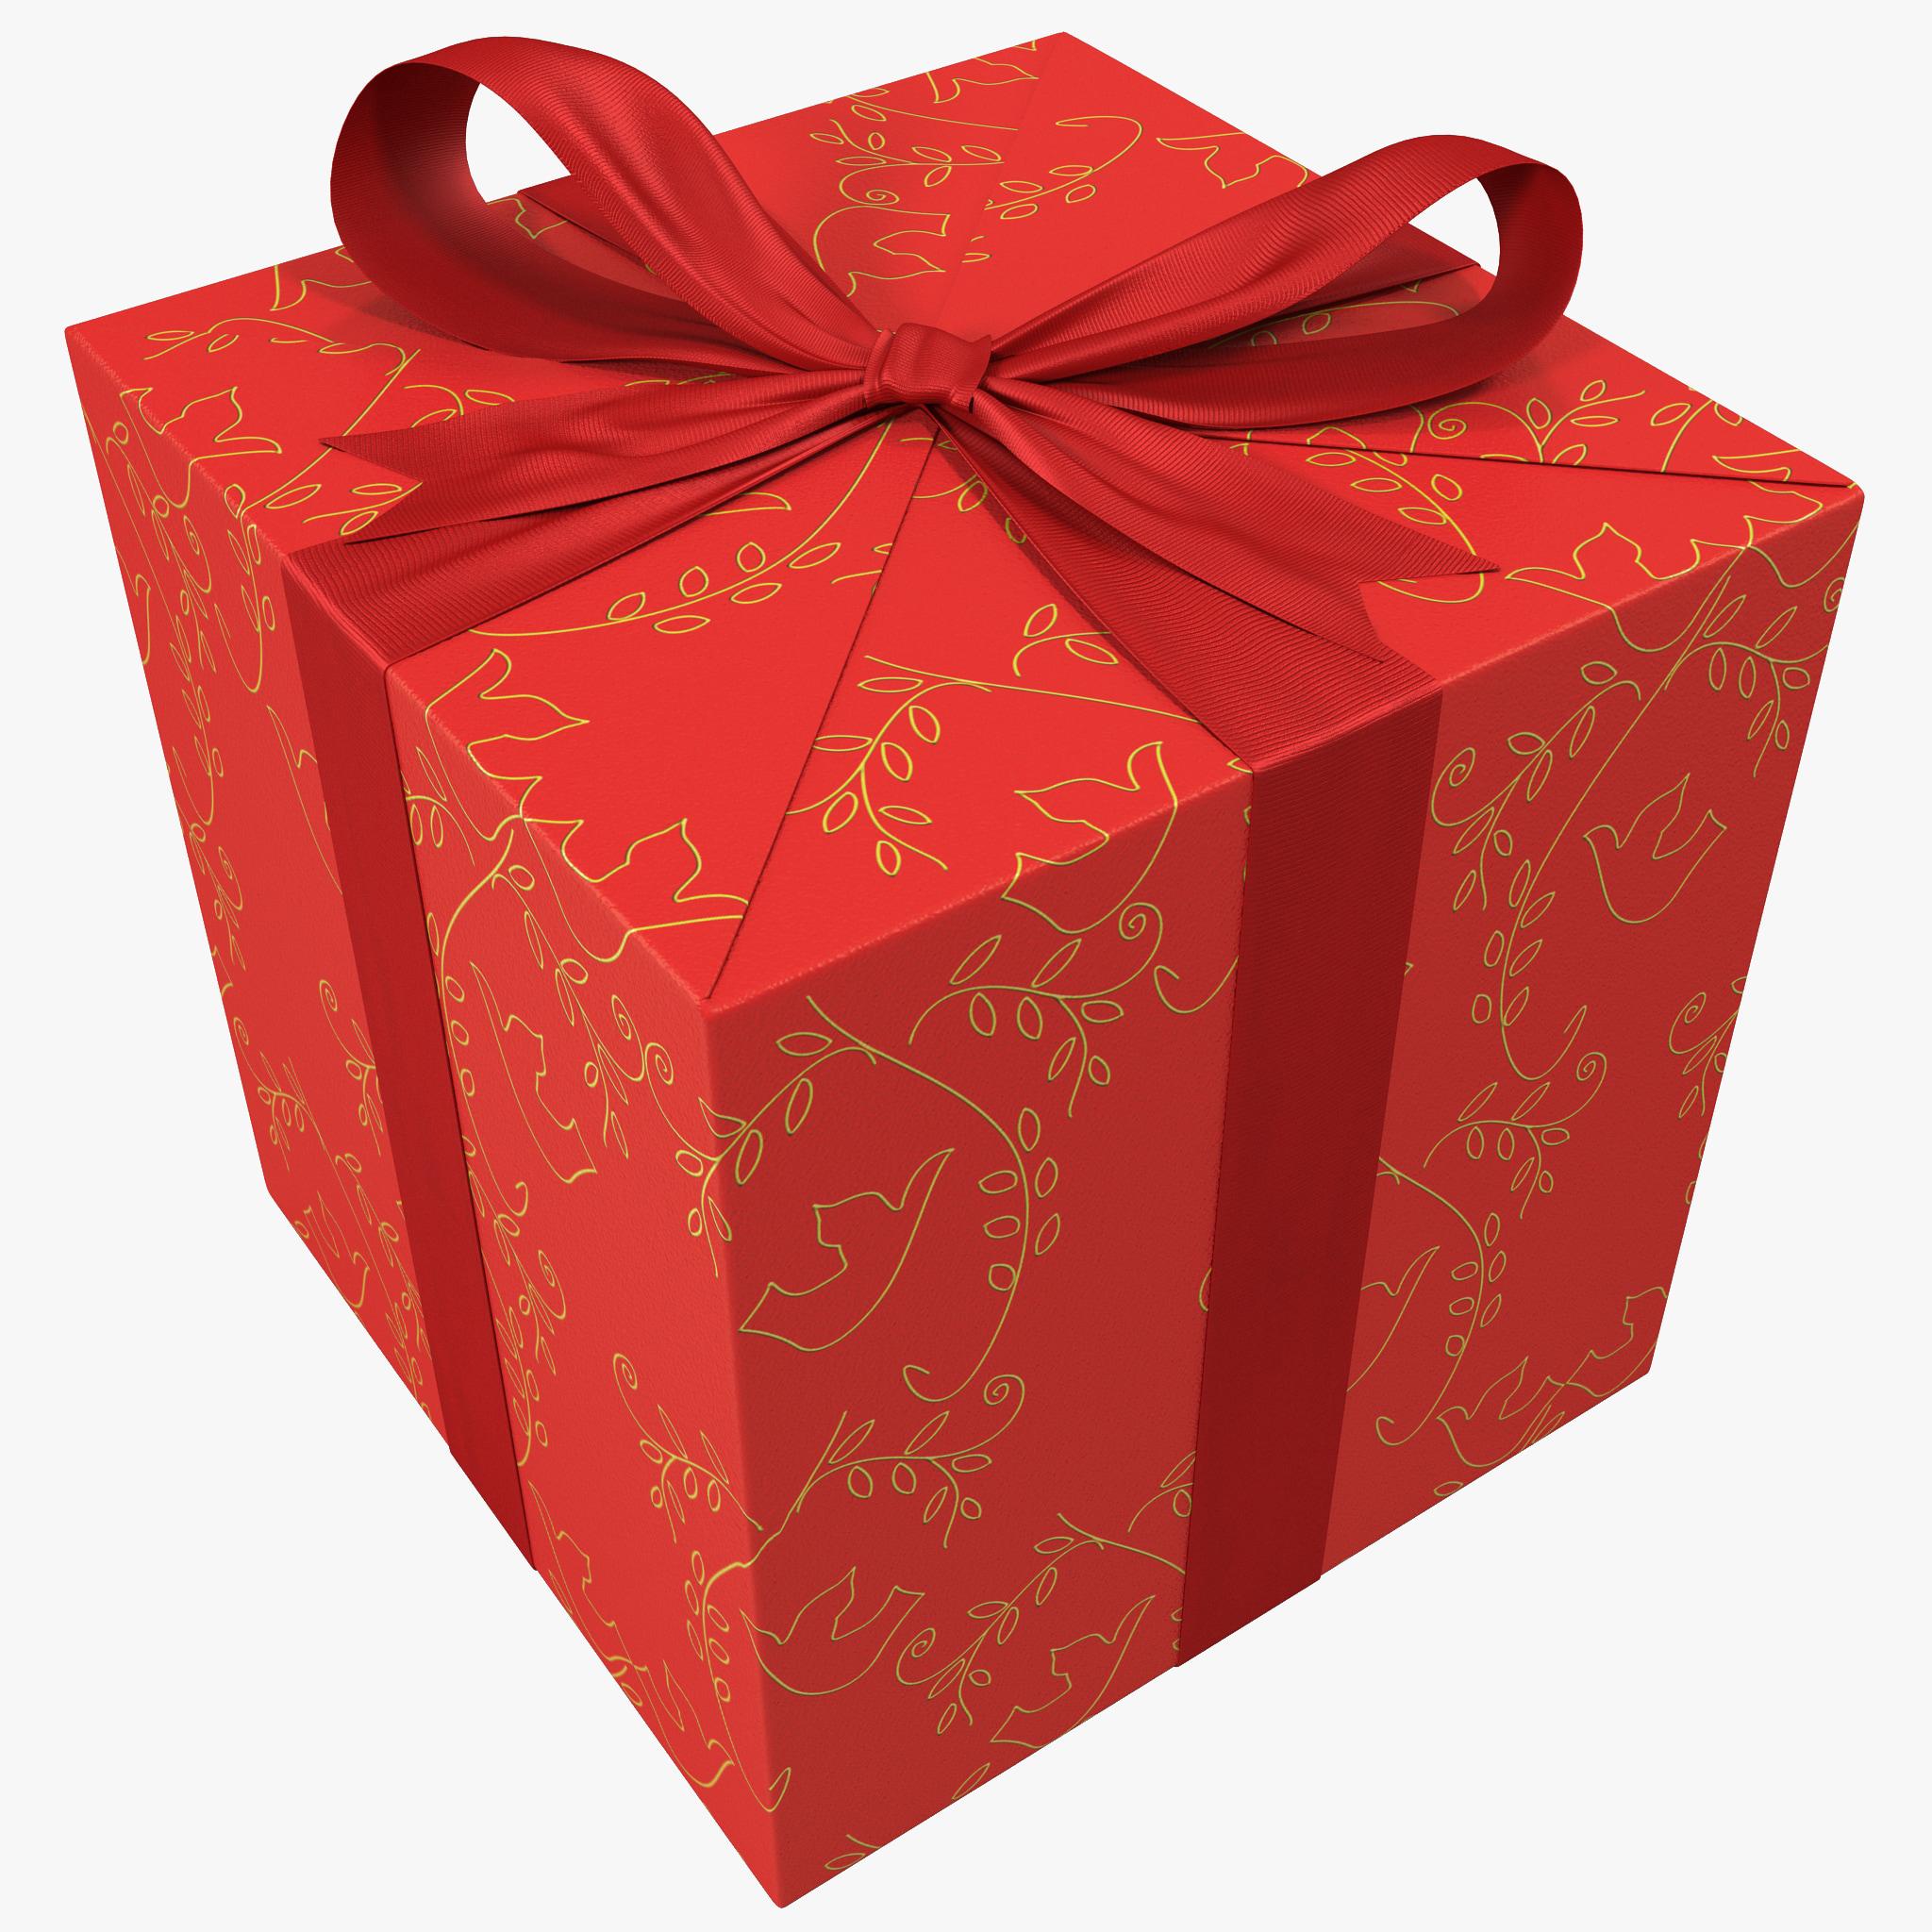 Gift_Box_3_000.jpg